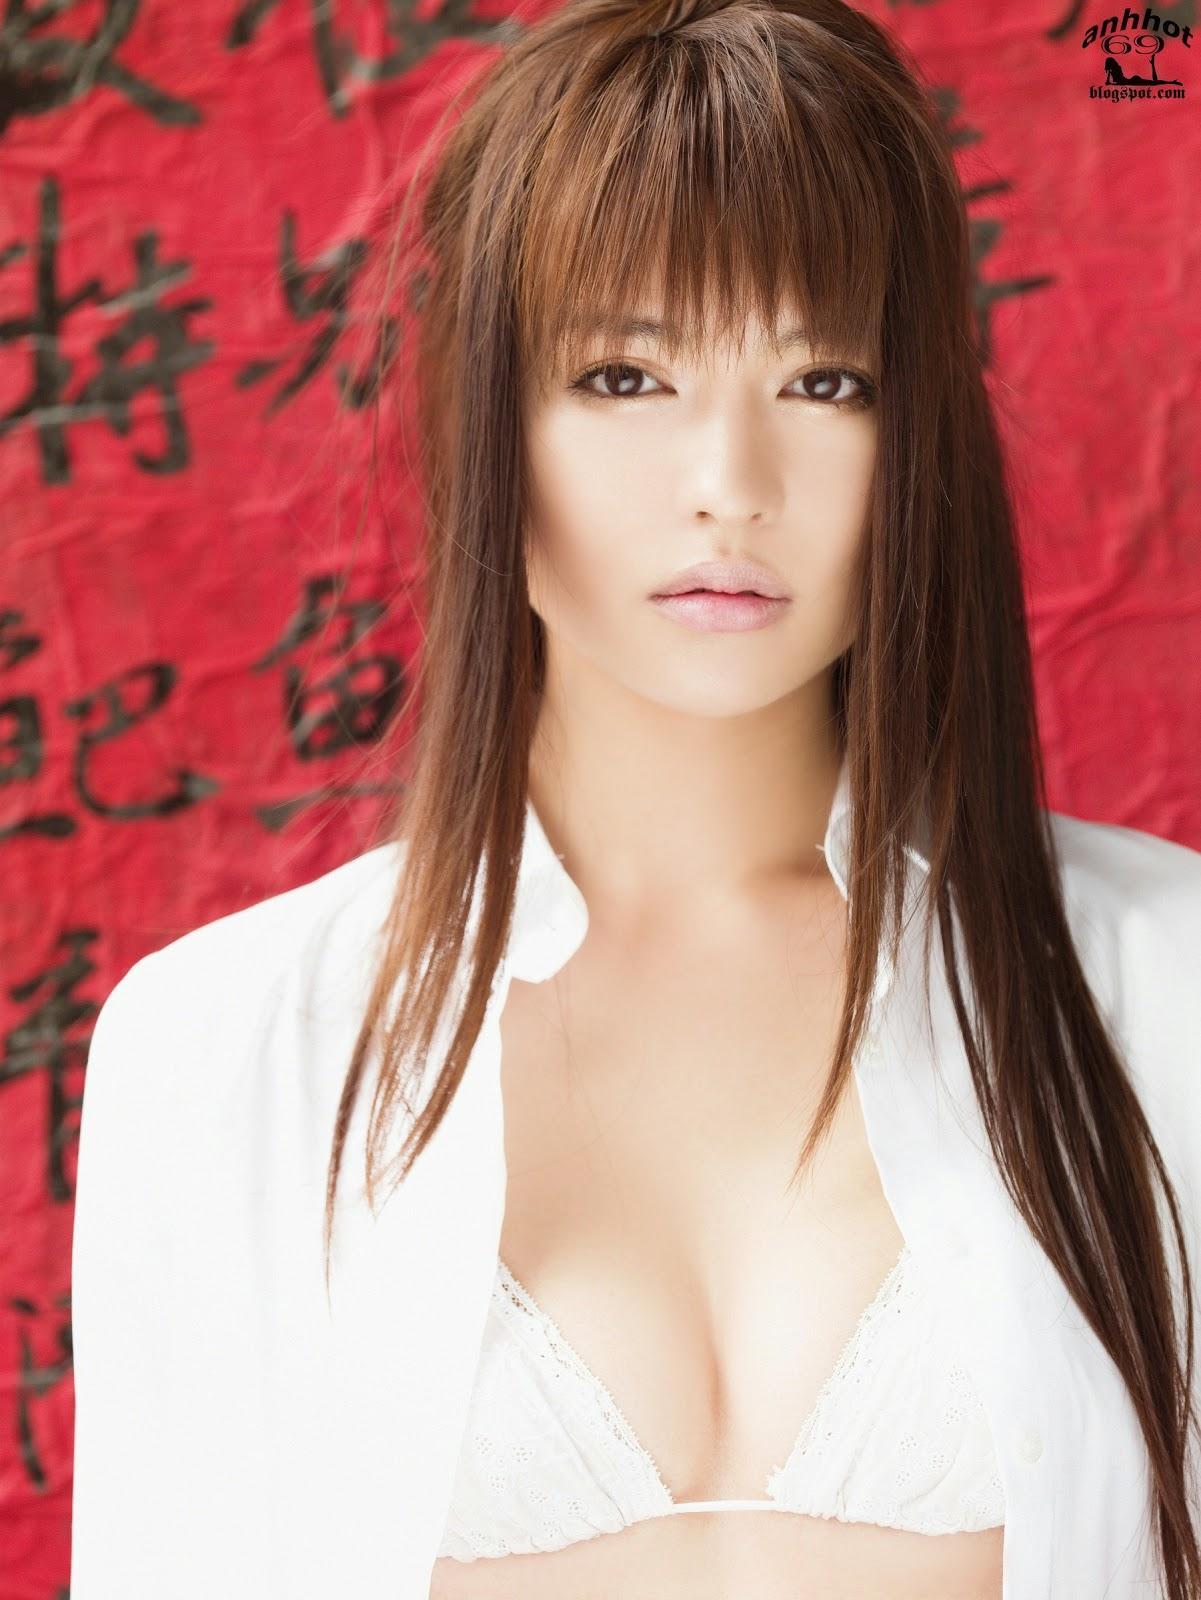 yuriko-shiratori-00499766